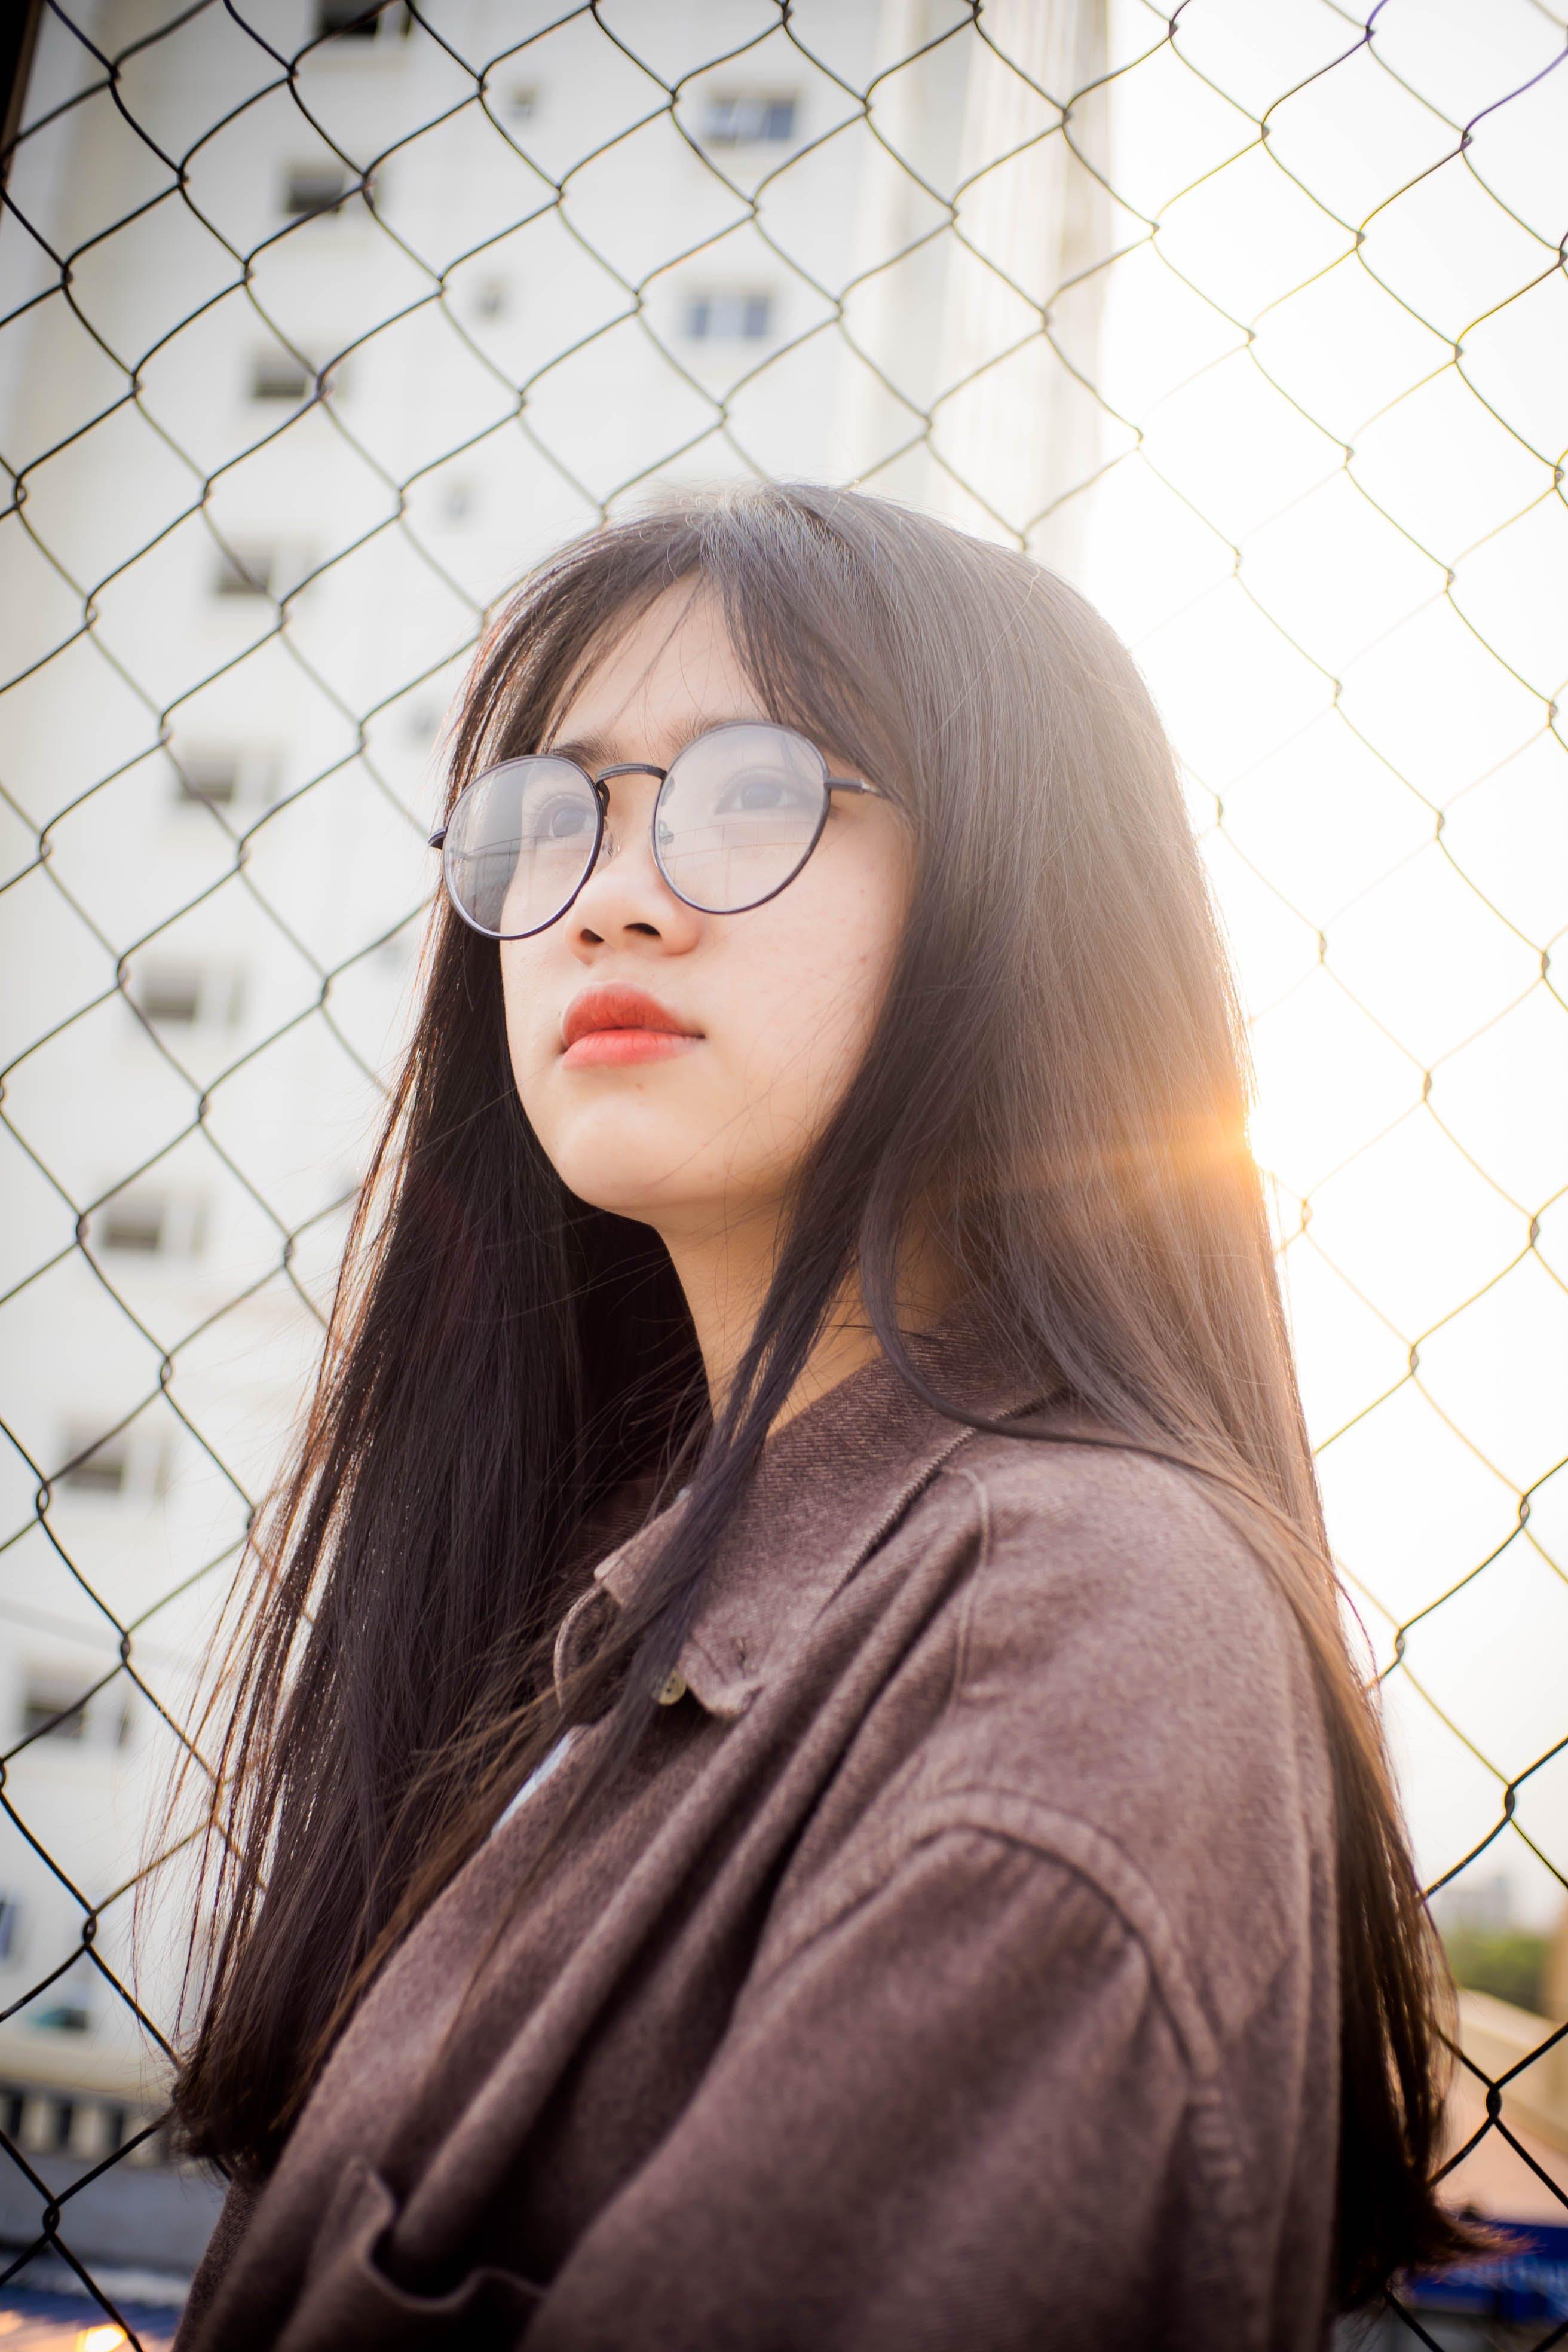 Kostenloses Stock Foto zu asiatische frau, attraktiv, fashion, frau